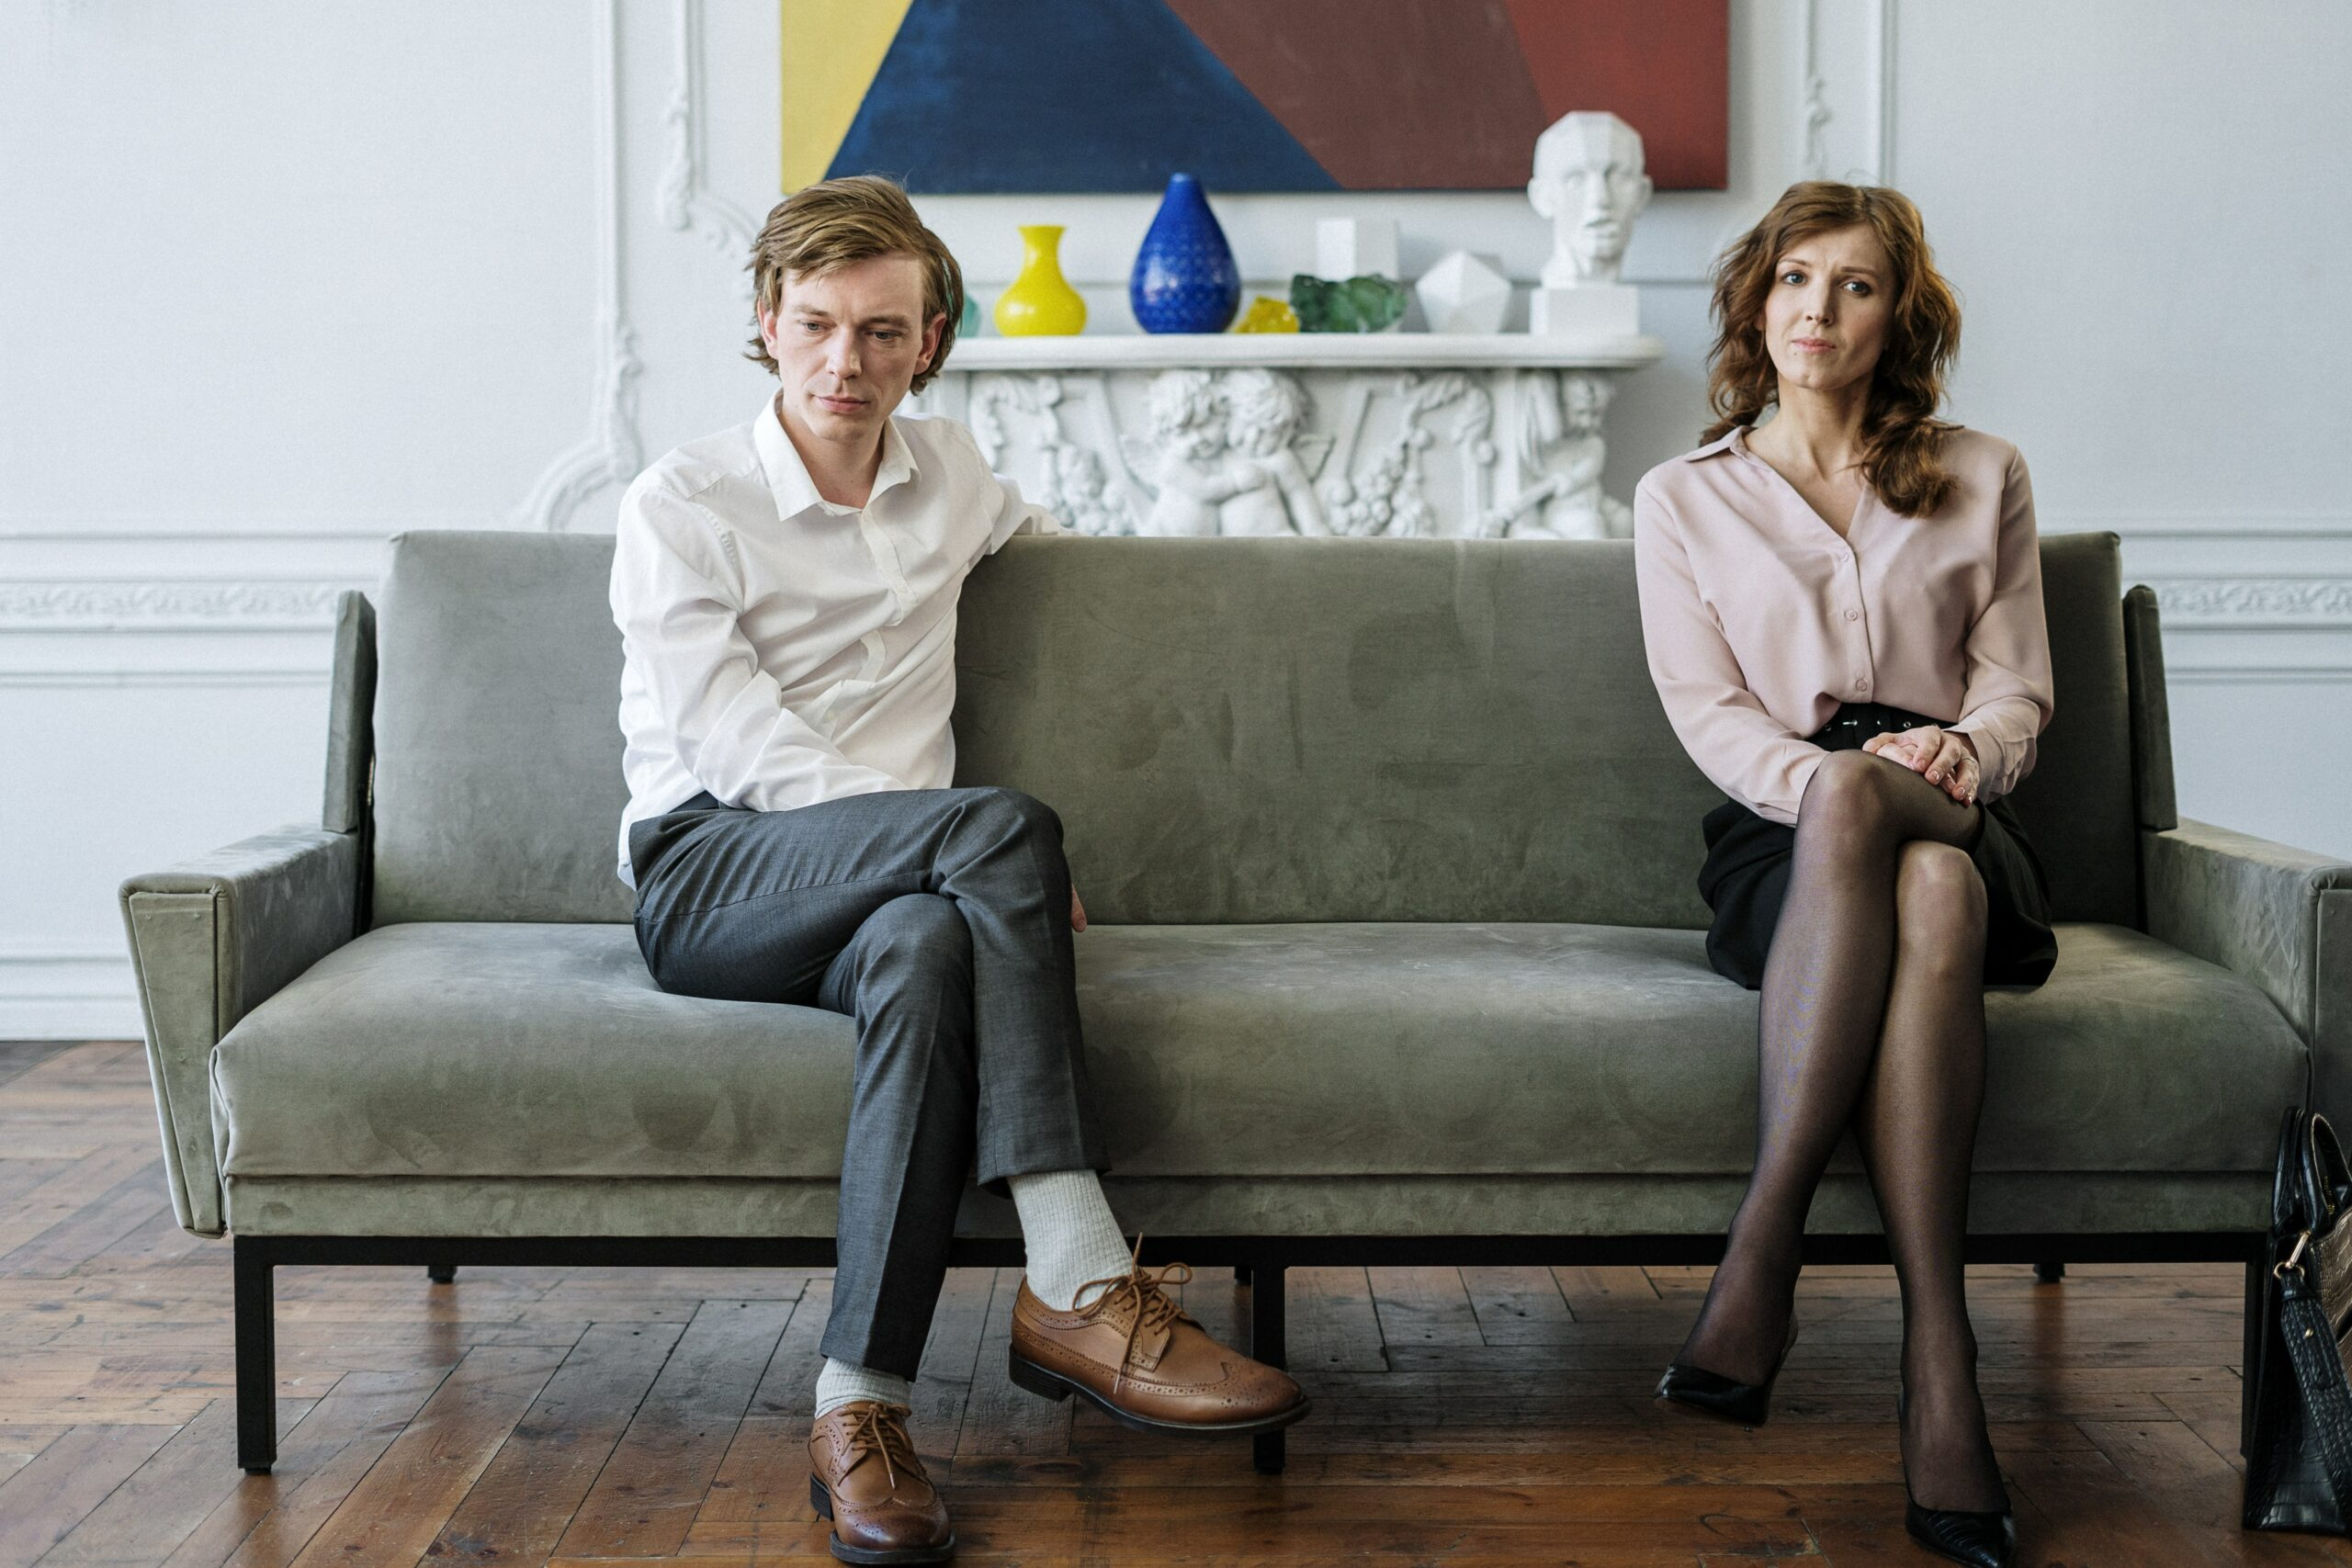 Ein Paar, ein Mann und eine Frau, sitzen mit Abstand auf einem Sofa.